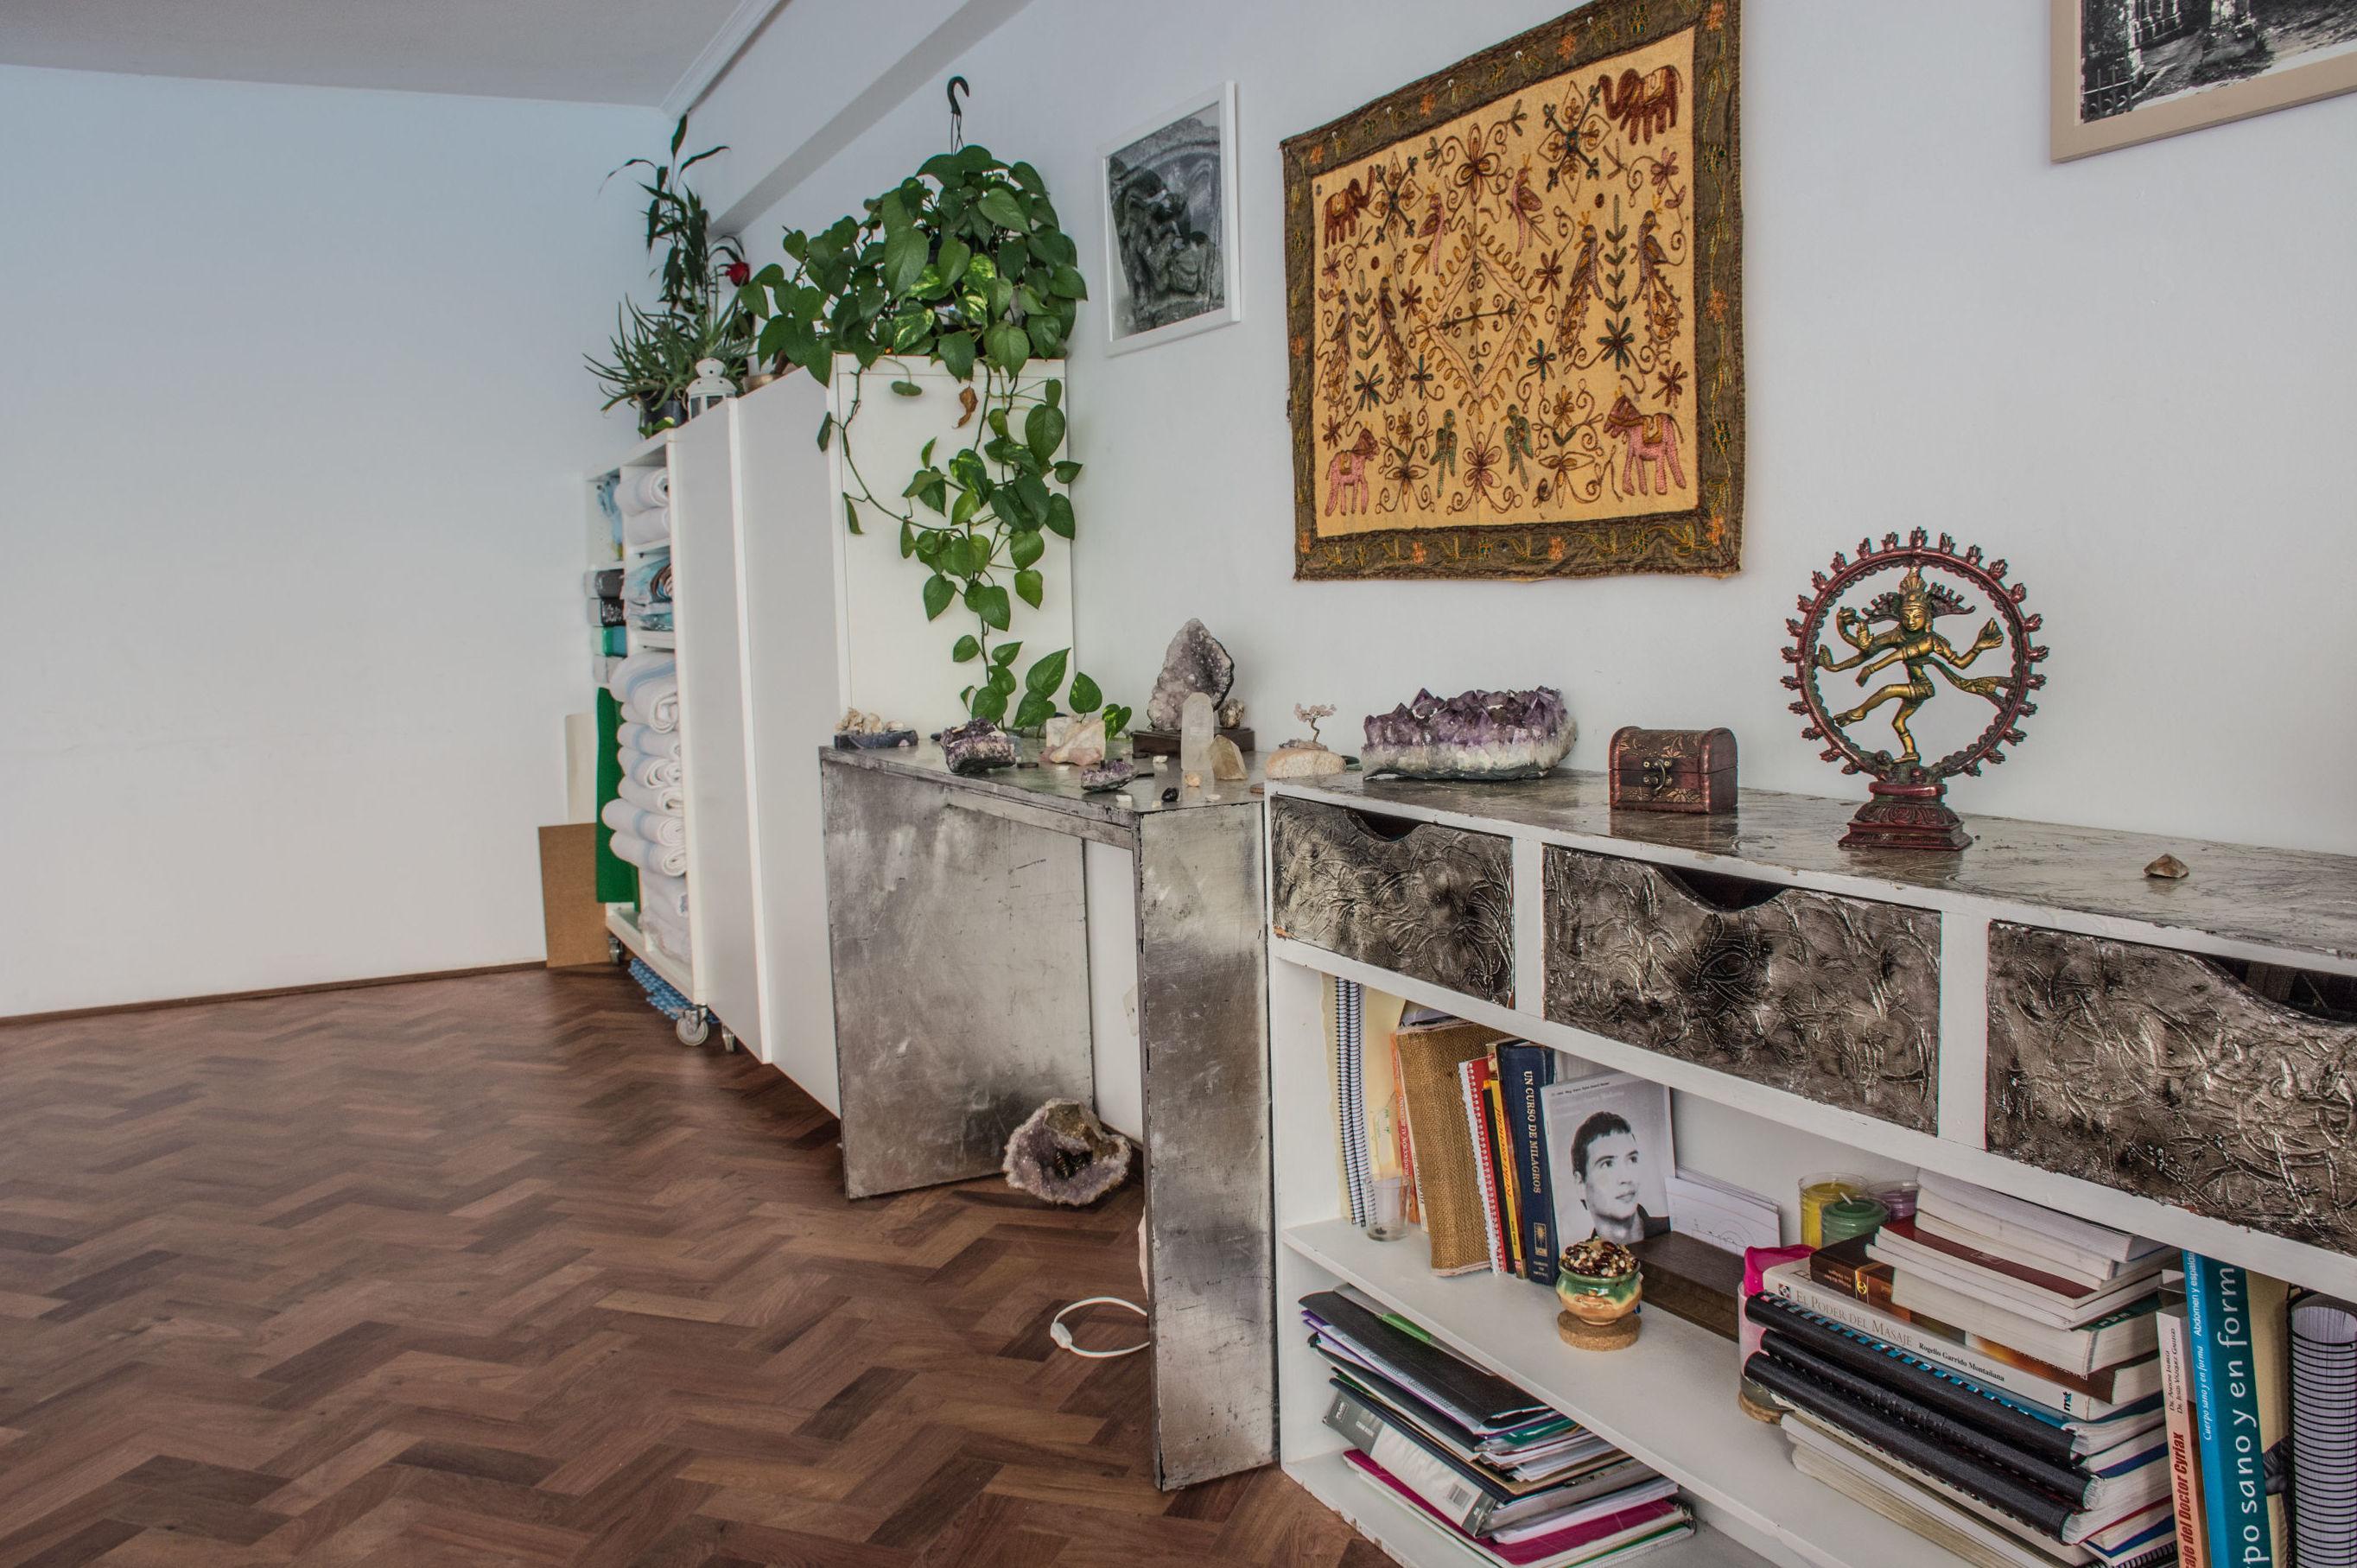 Foto 4 de Terapias manuales en A Coruña | Oinos Centro de Terapia